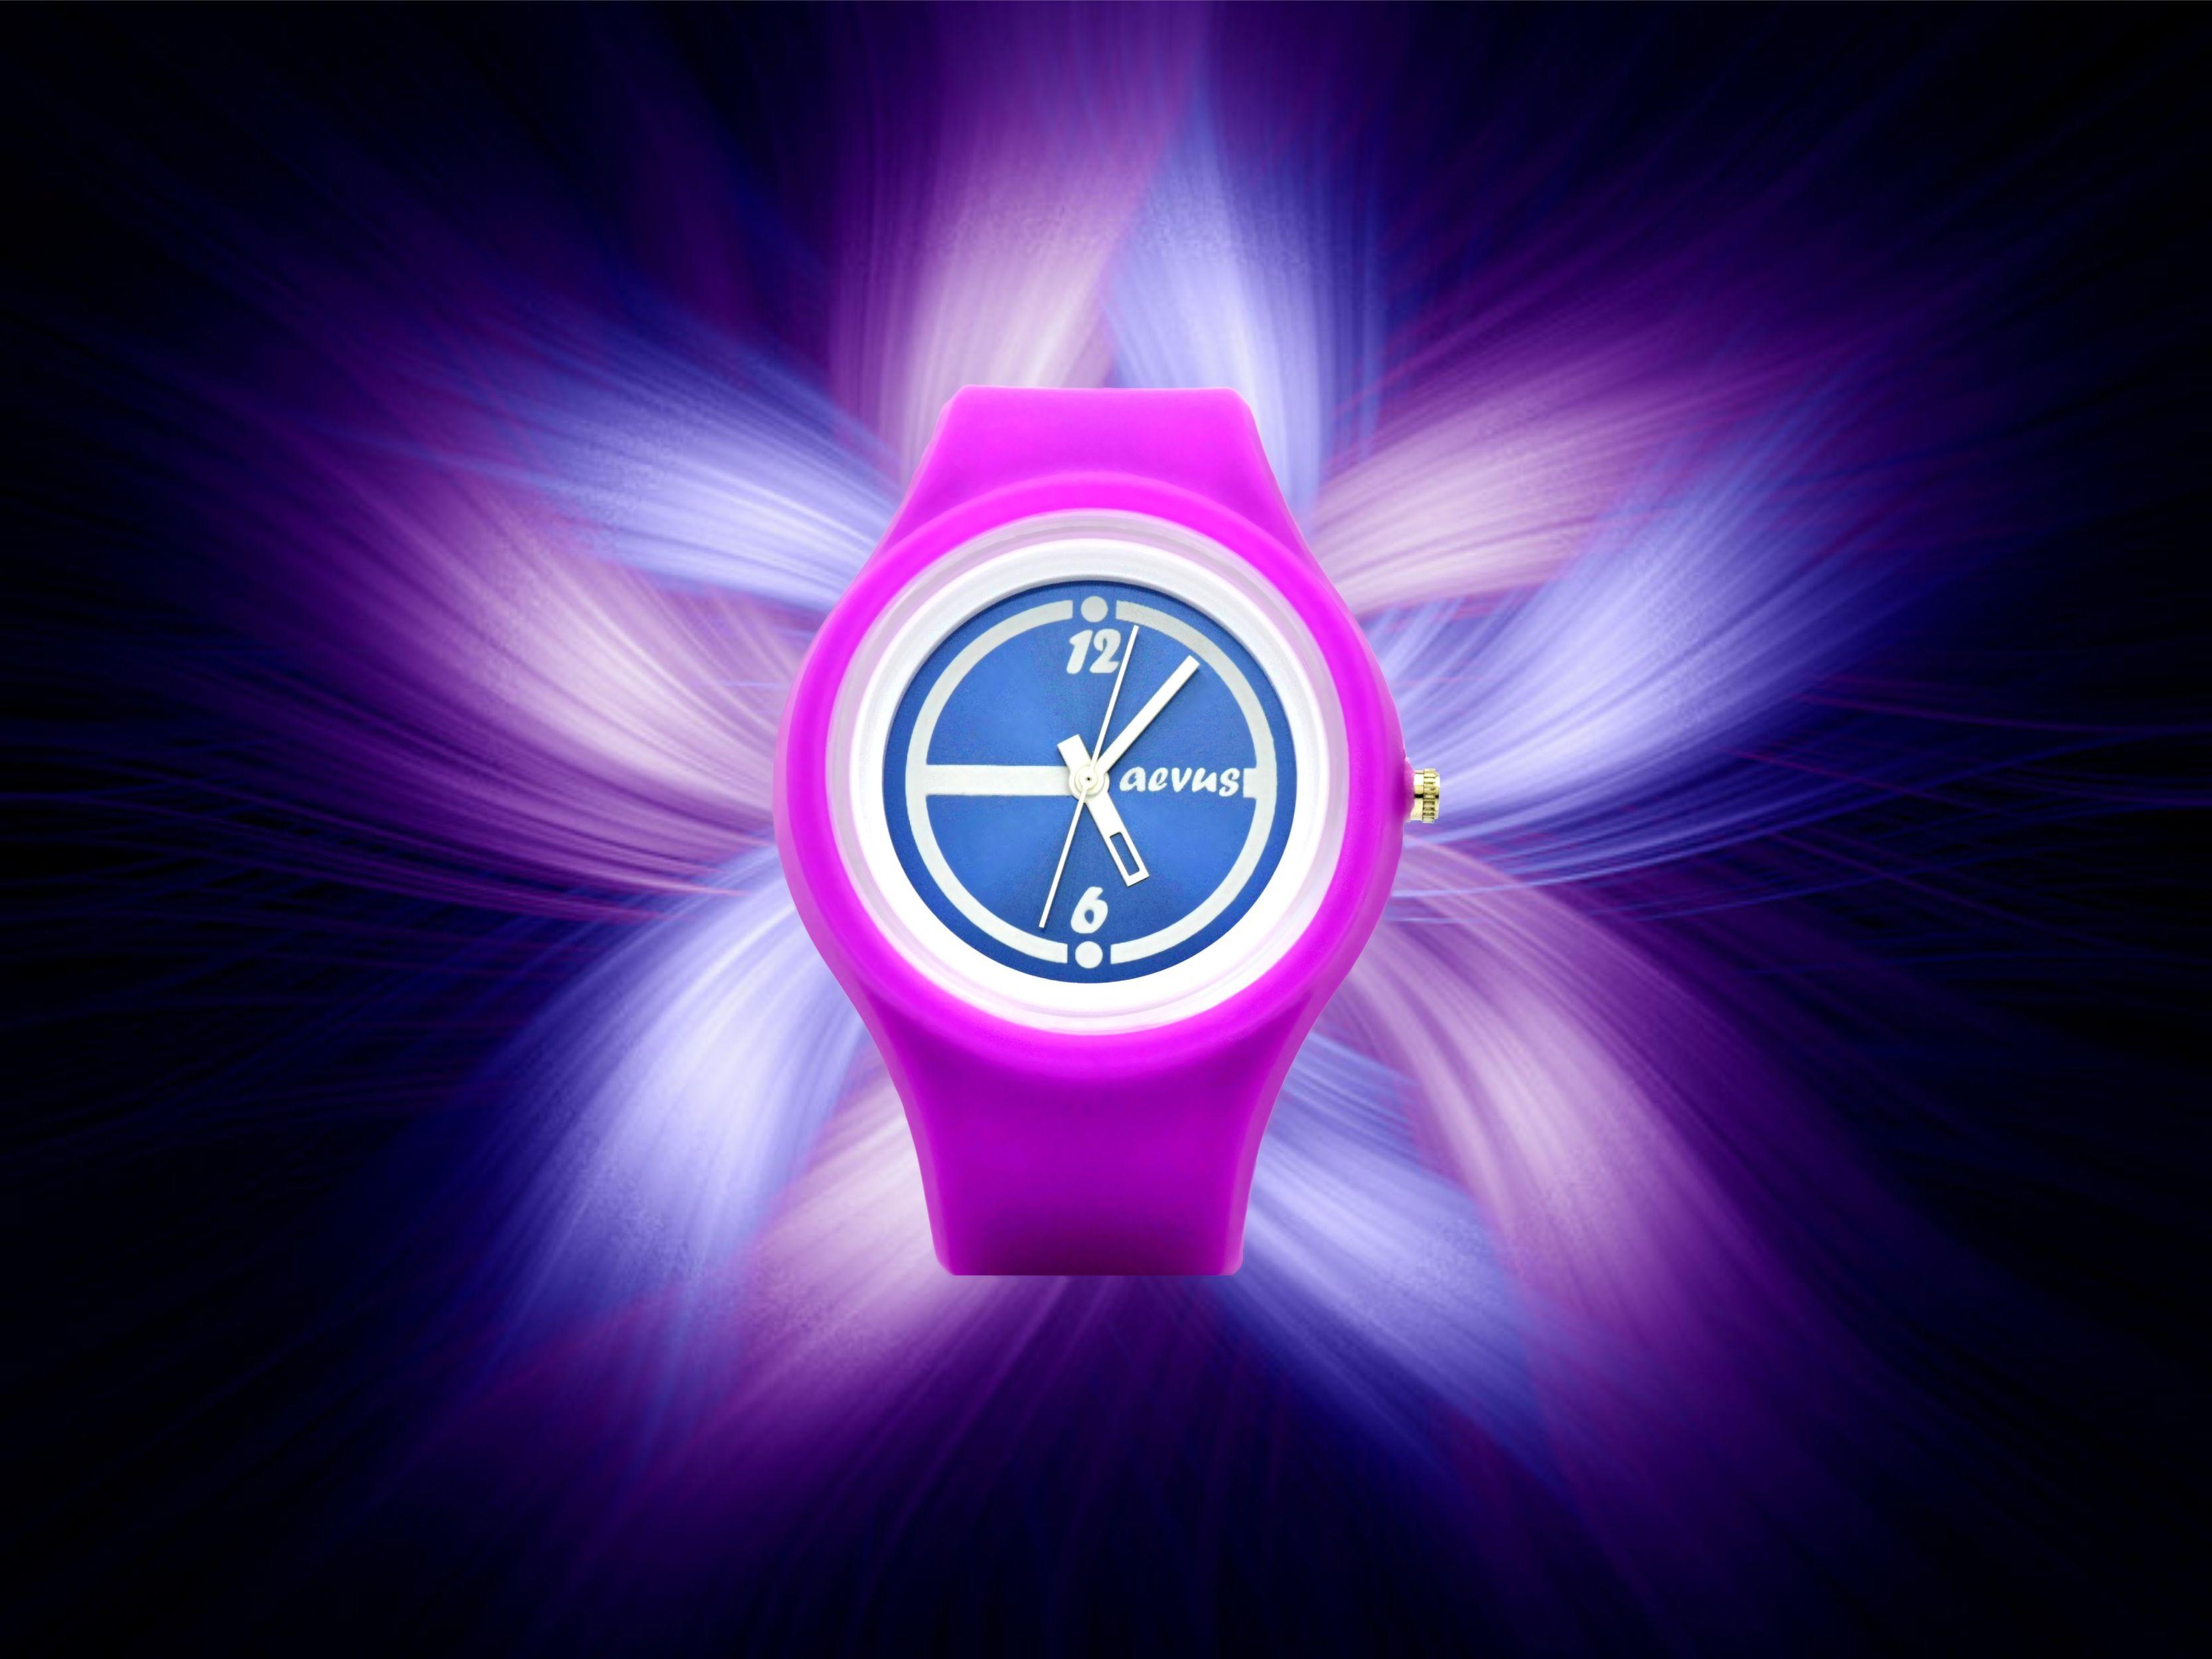 Aevus Watches